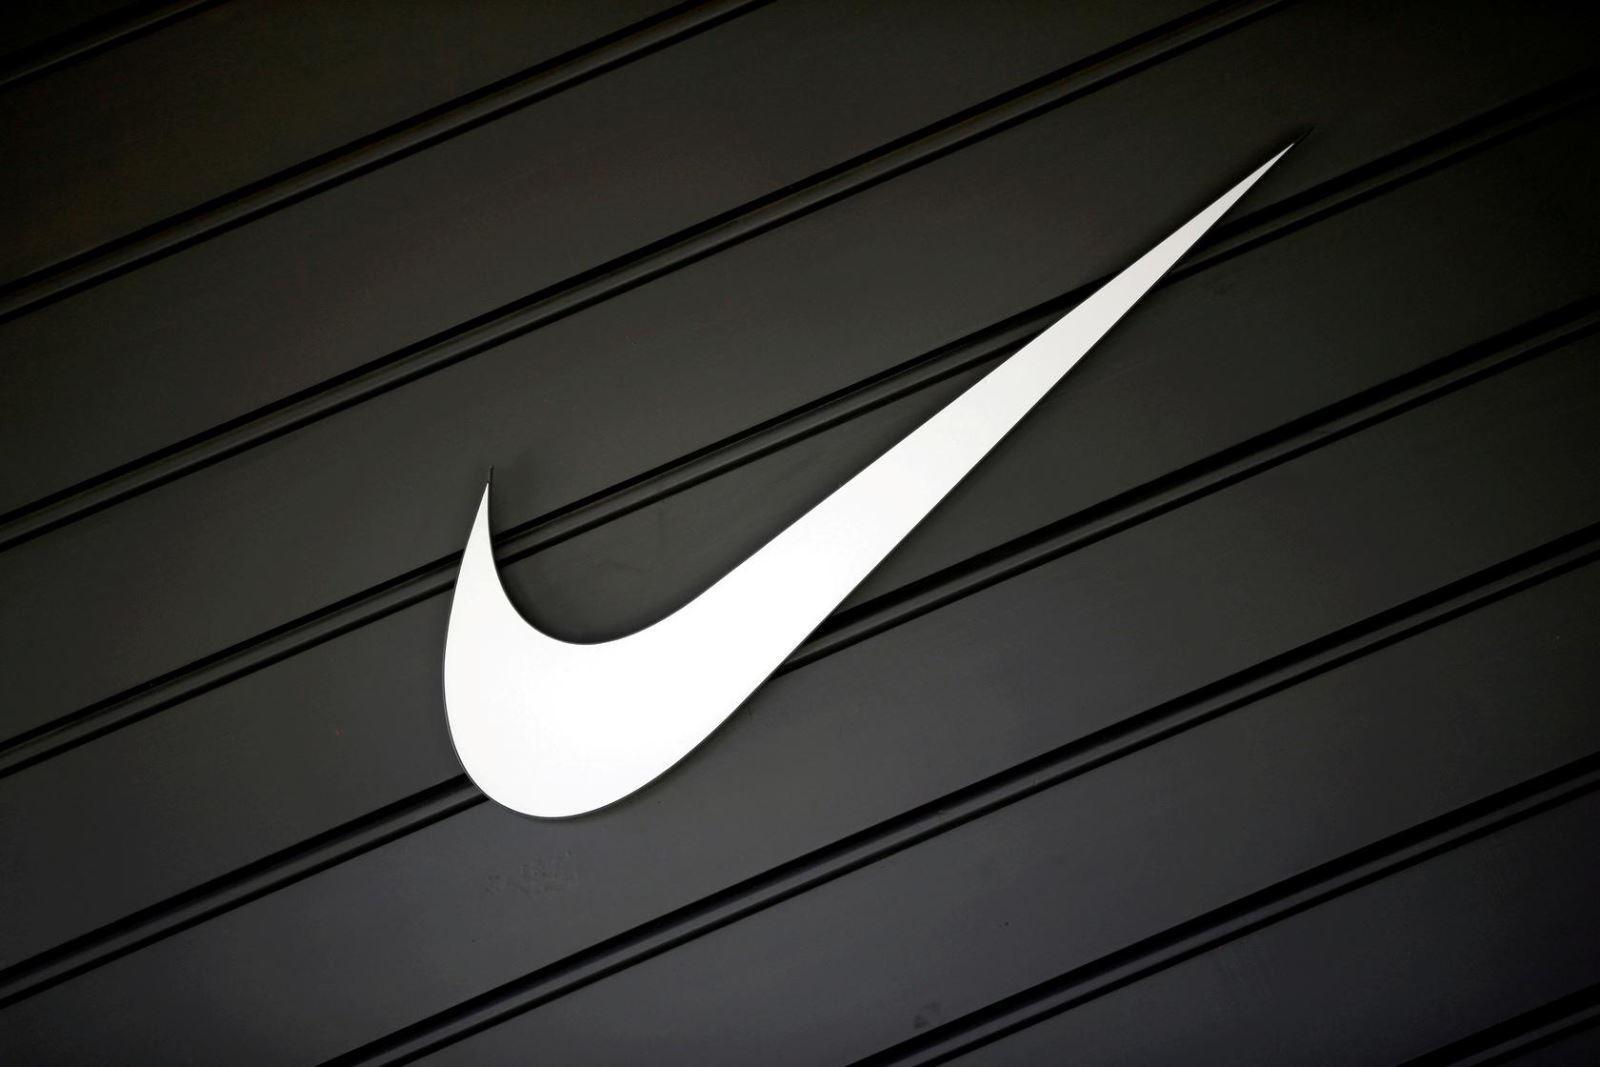 Nike bị phạt hơn 14 triệu USD vì cản trở các câu lạc bộ bóng đá châu Âu bán đồ thể thao Ảnh 1